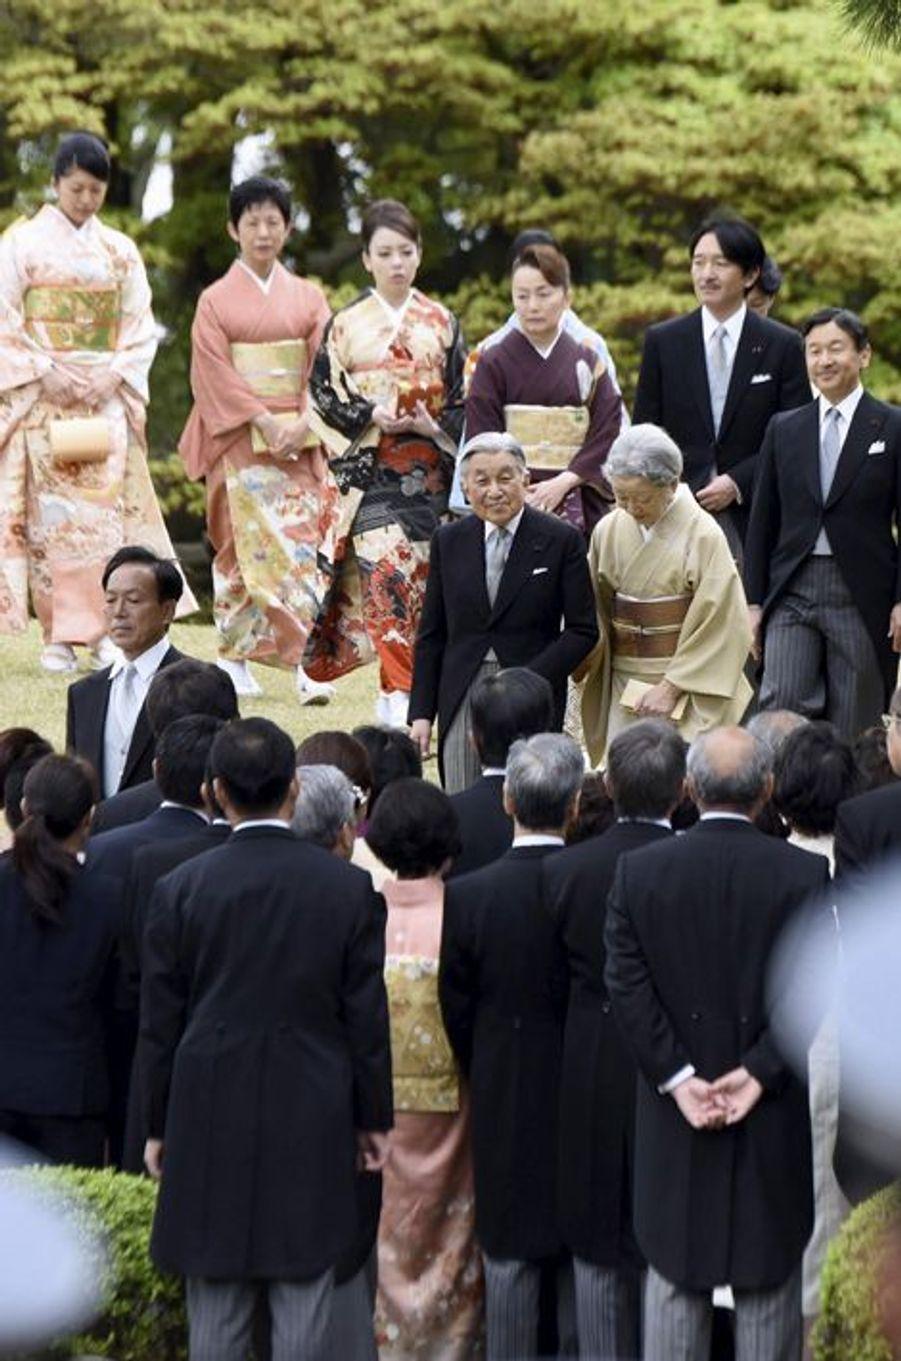 L'empereur Akihito et l'impératrice Michiko du Japon avec la famille impériale à Tokyo, le 21 avril 2015